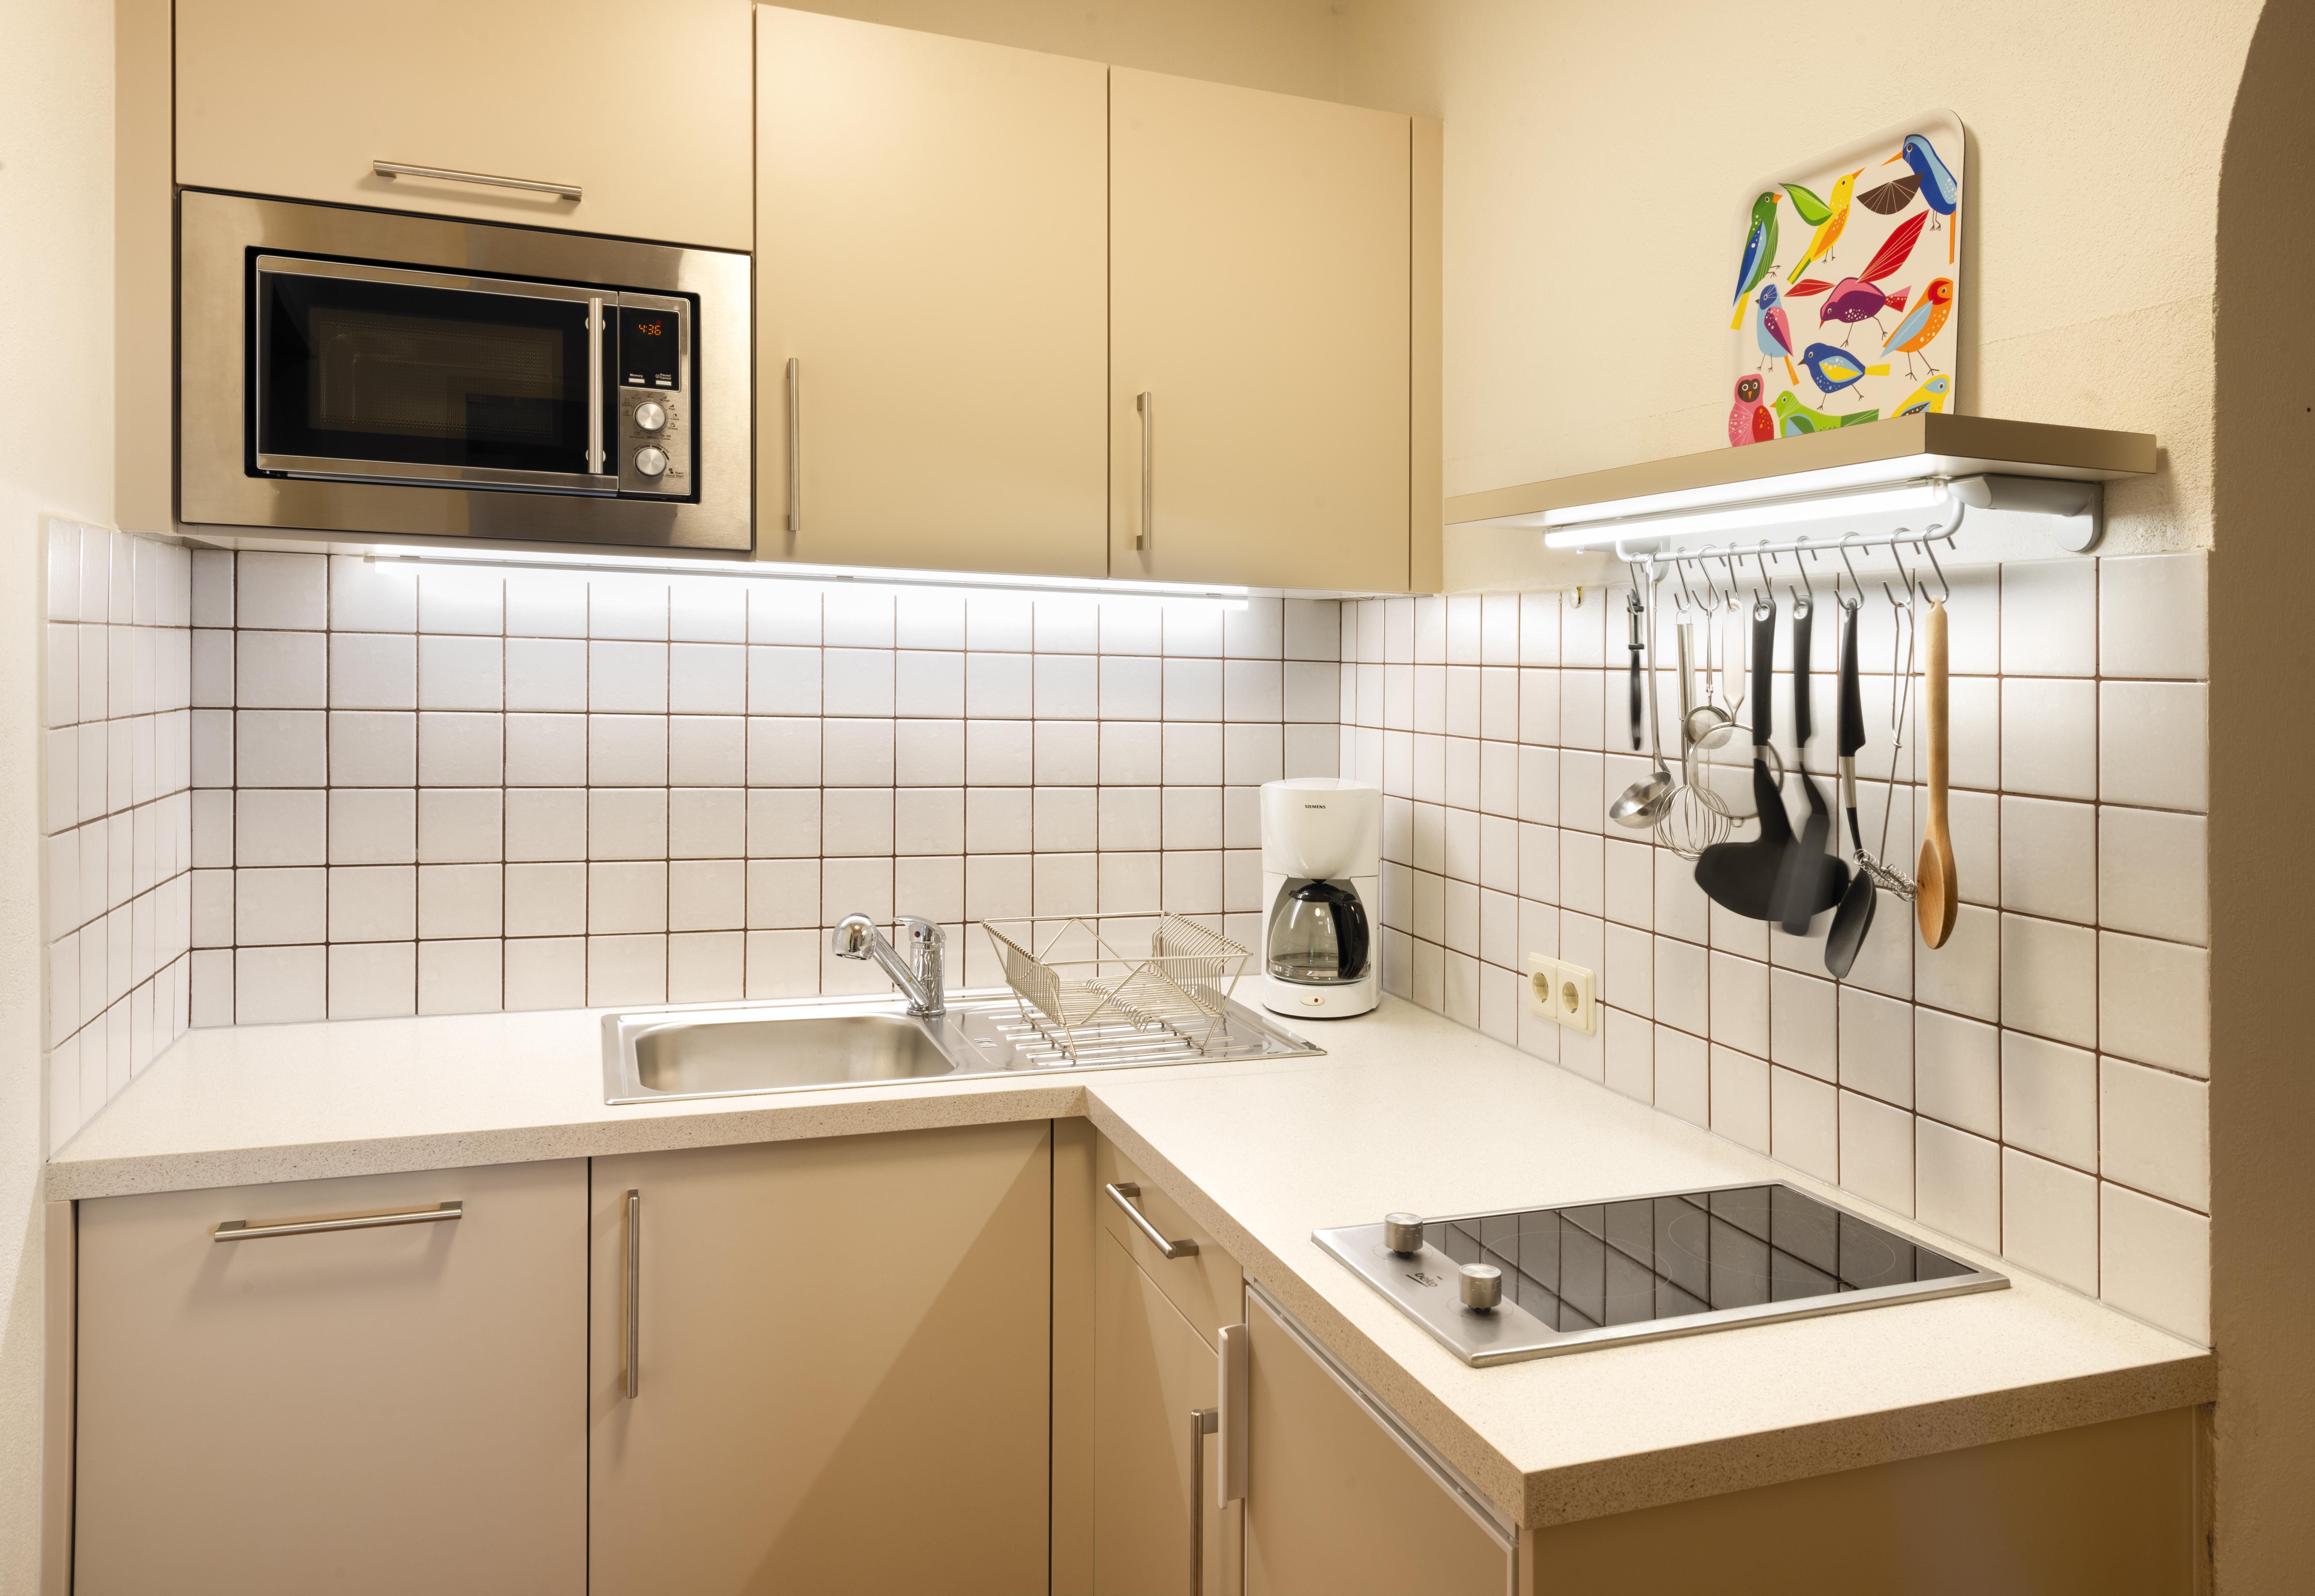 Familienappartement_-_Küche5